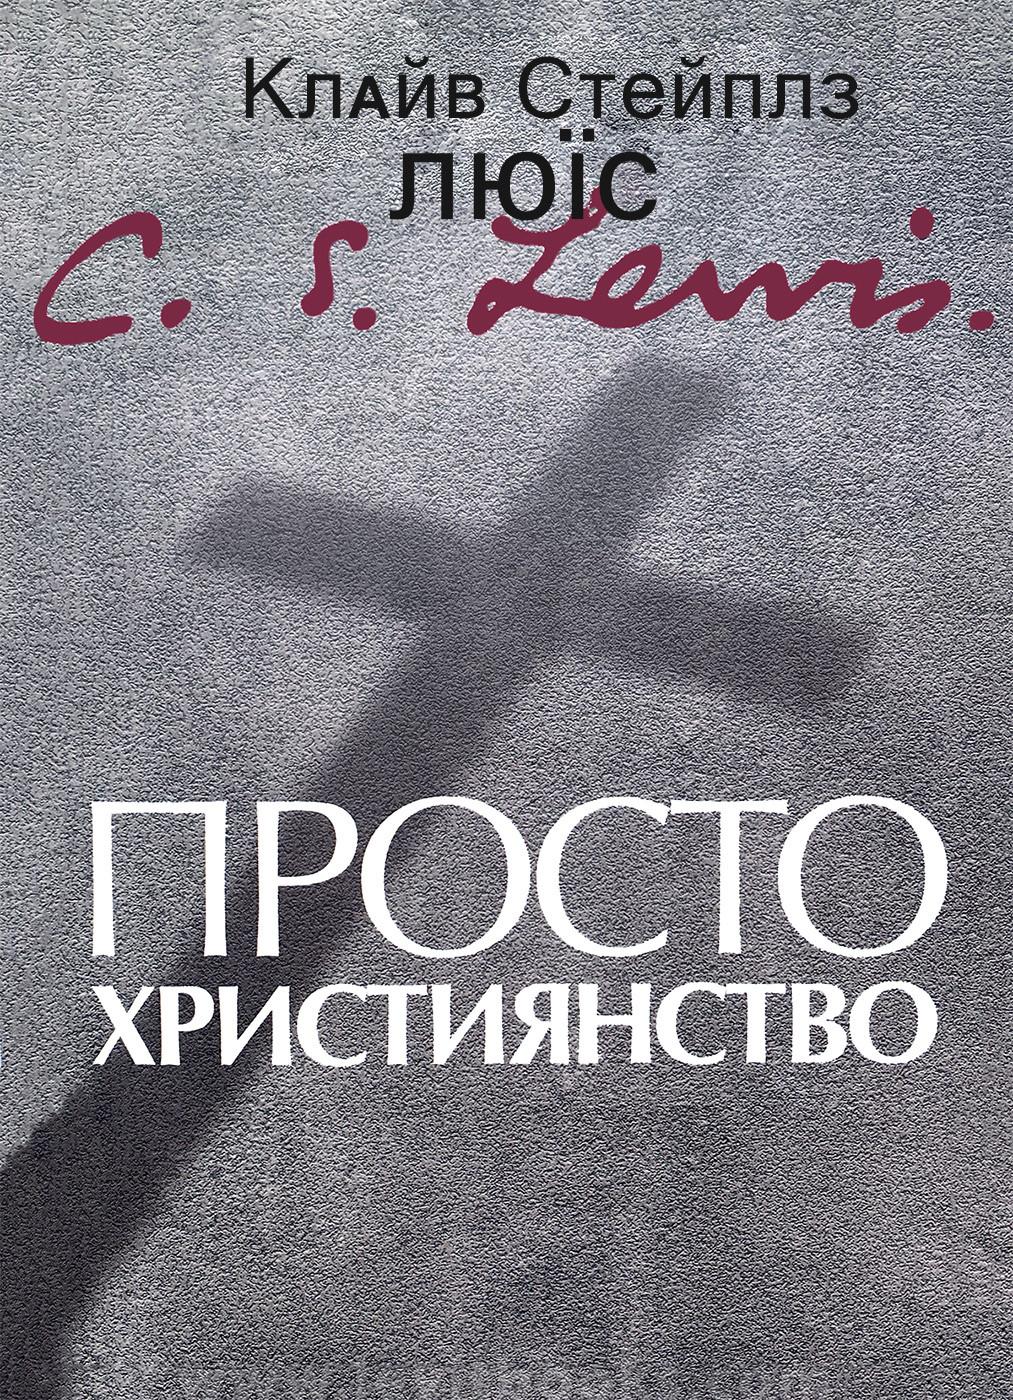 Просто християнство – Клайв Льюис